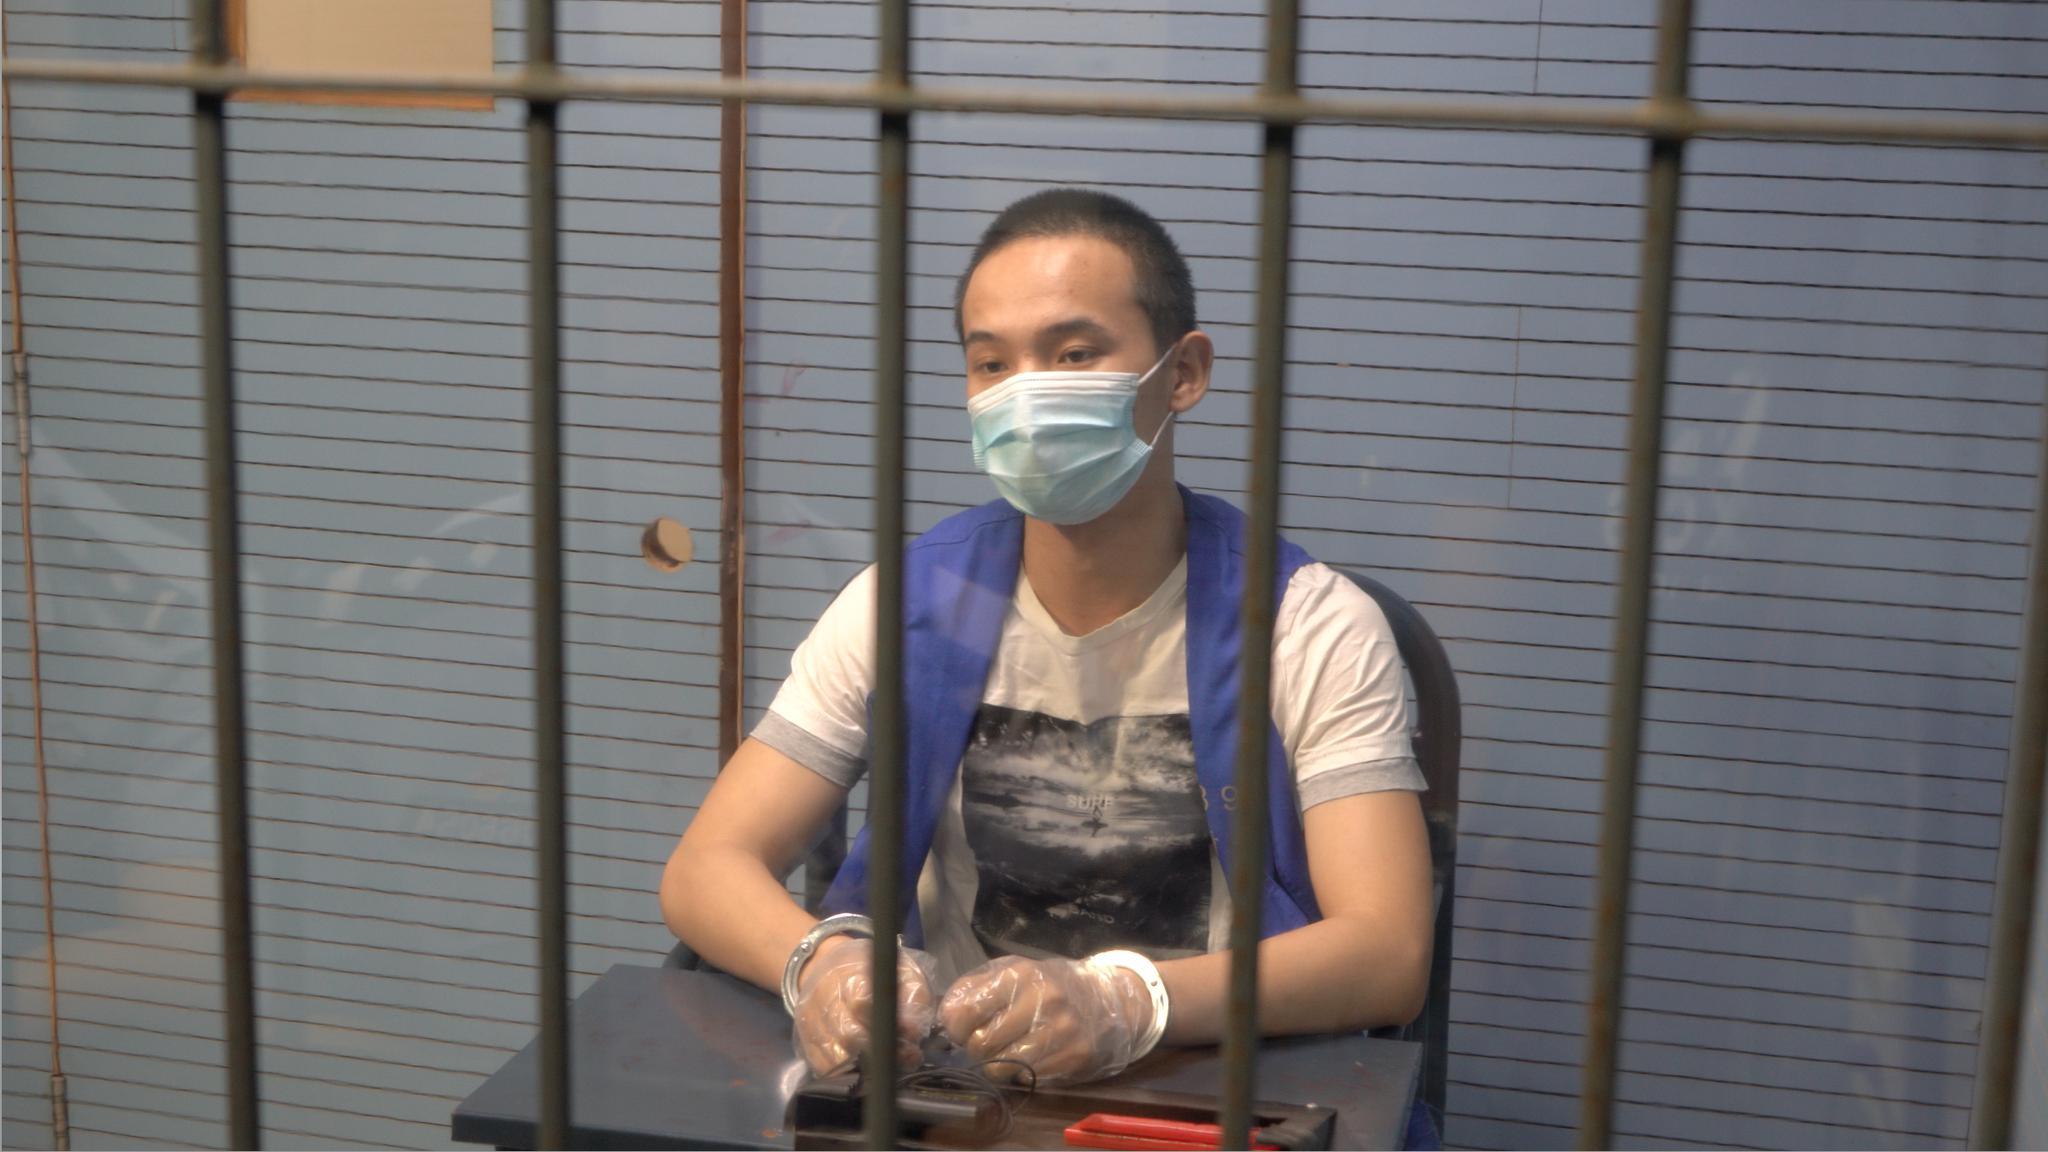 上海警方全链条捣毁敲诈团伙:美女聊天视频系录制